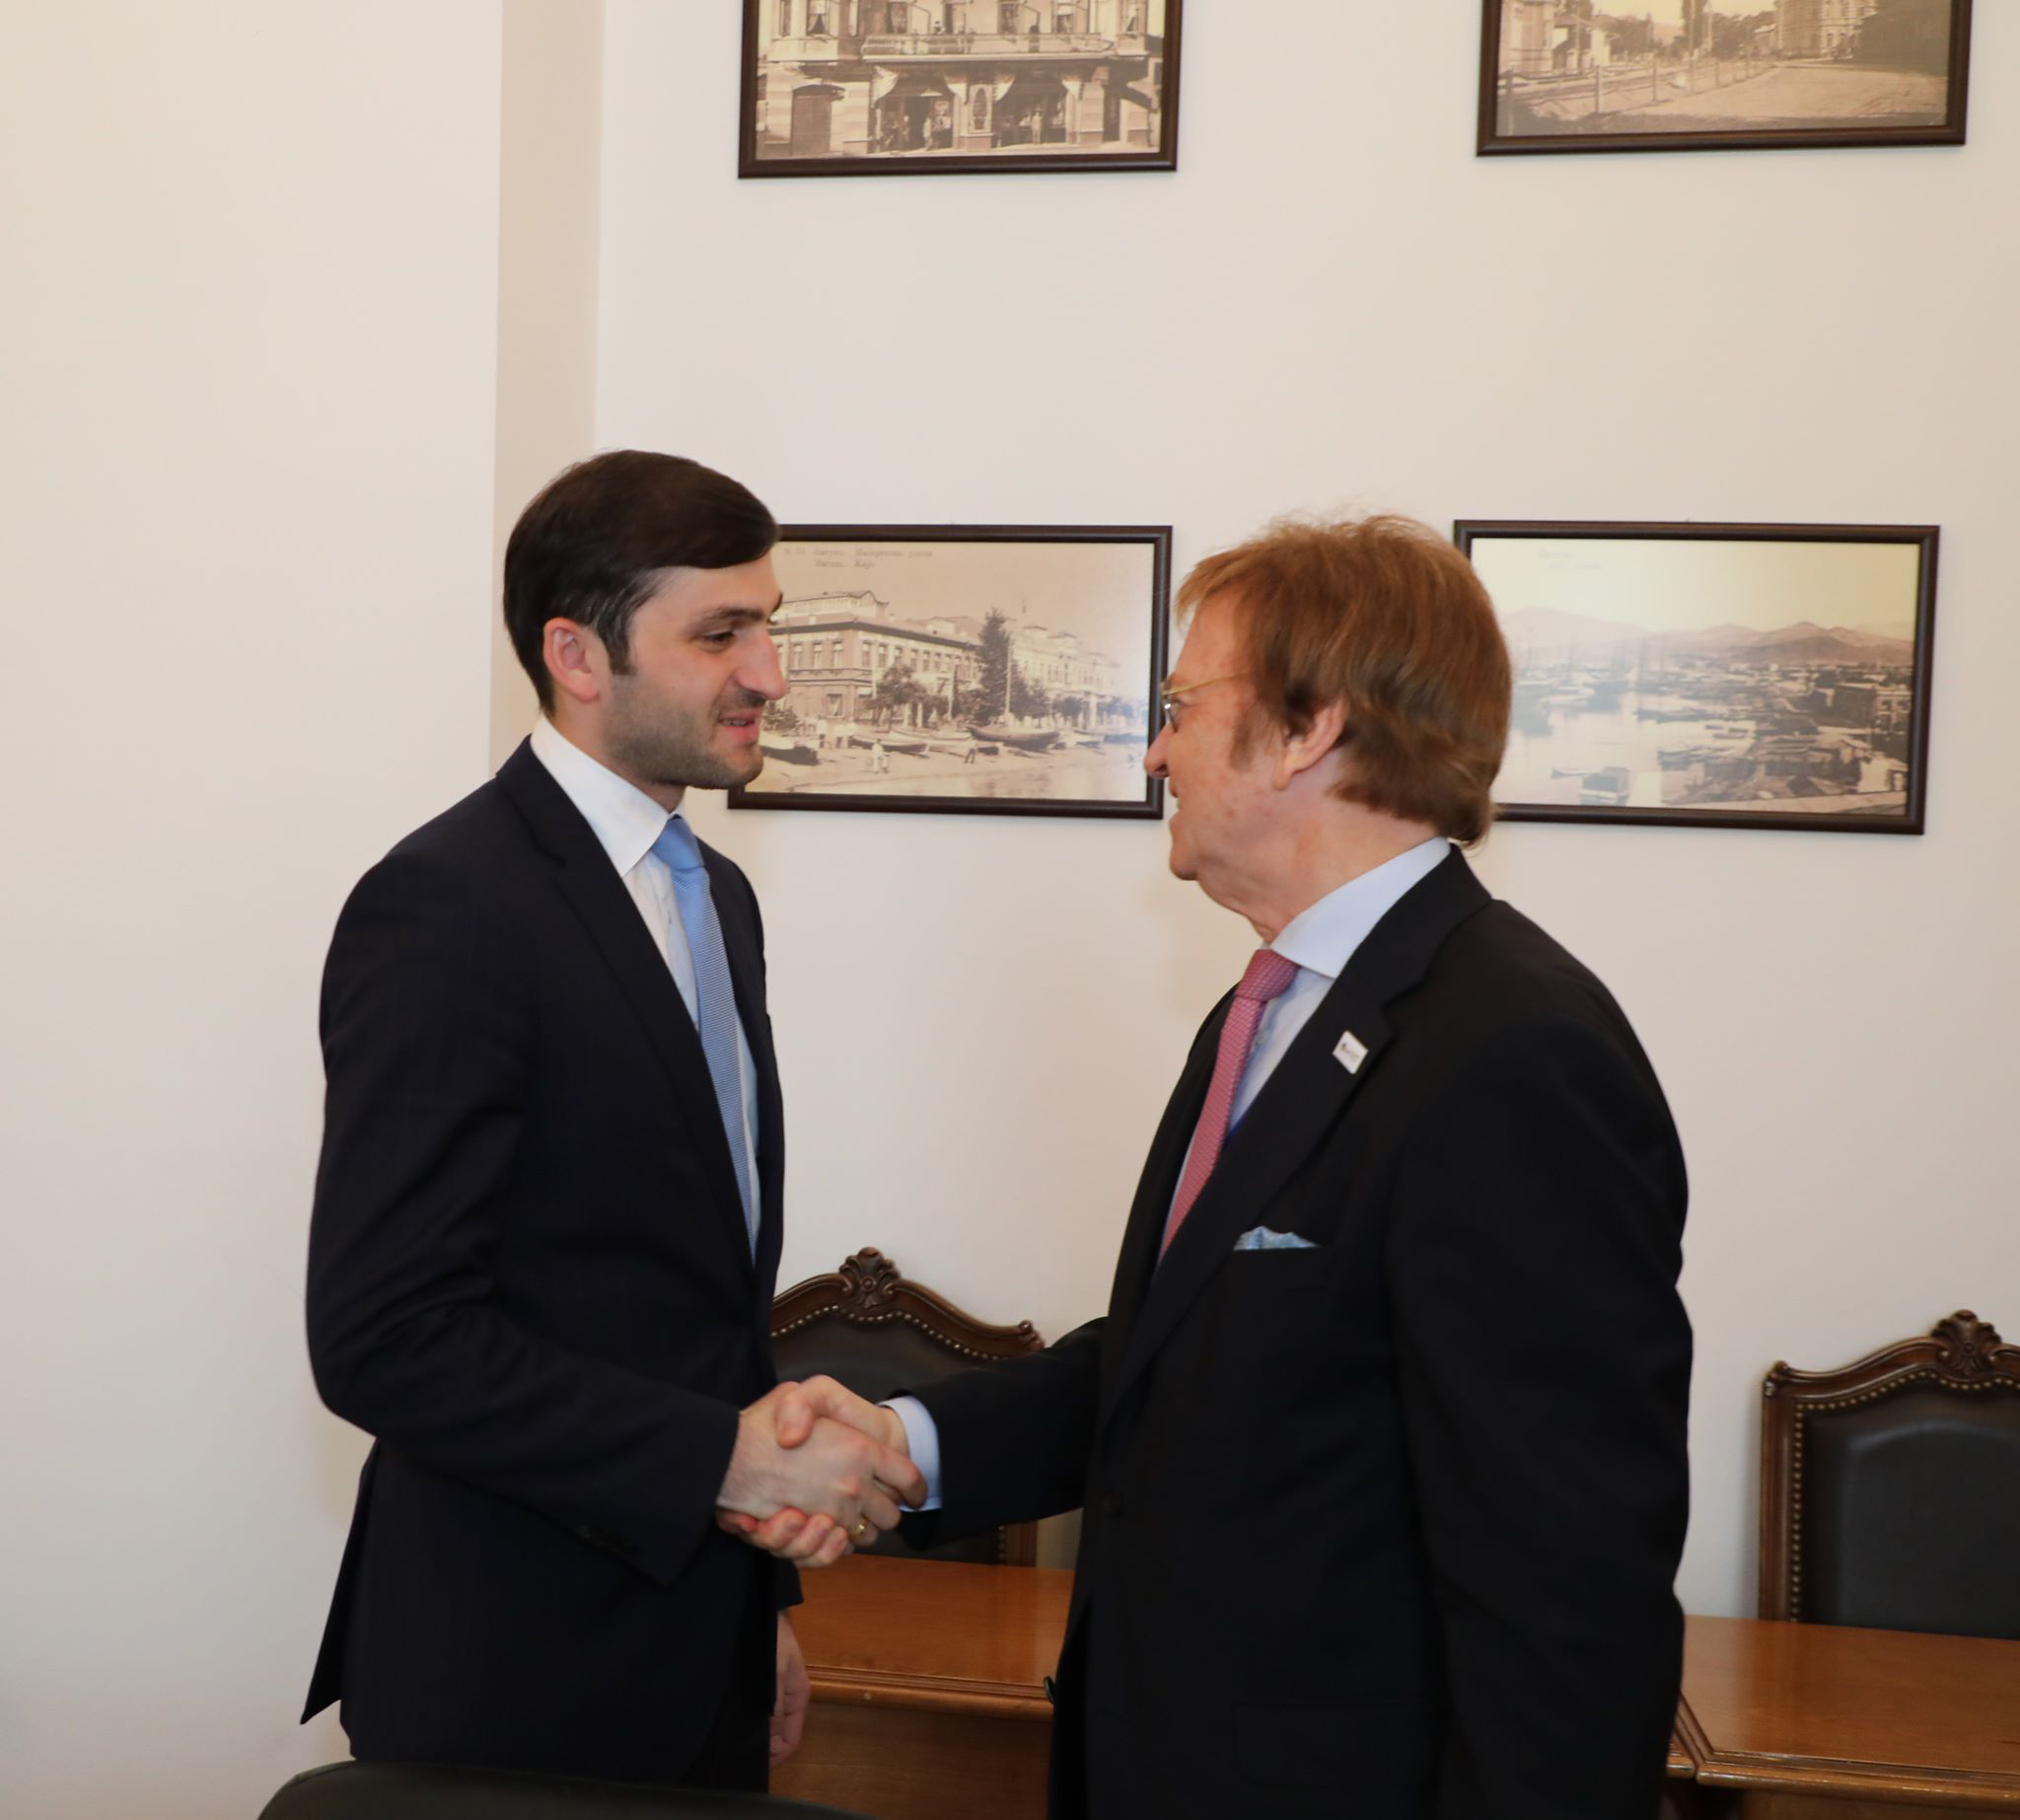 მსოფლიო სავაჭრო ცენტრის პოლონეთის ორგანიზაციის ხელმძღვანელ ჟაკ ტურელთან შეხვდა